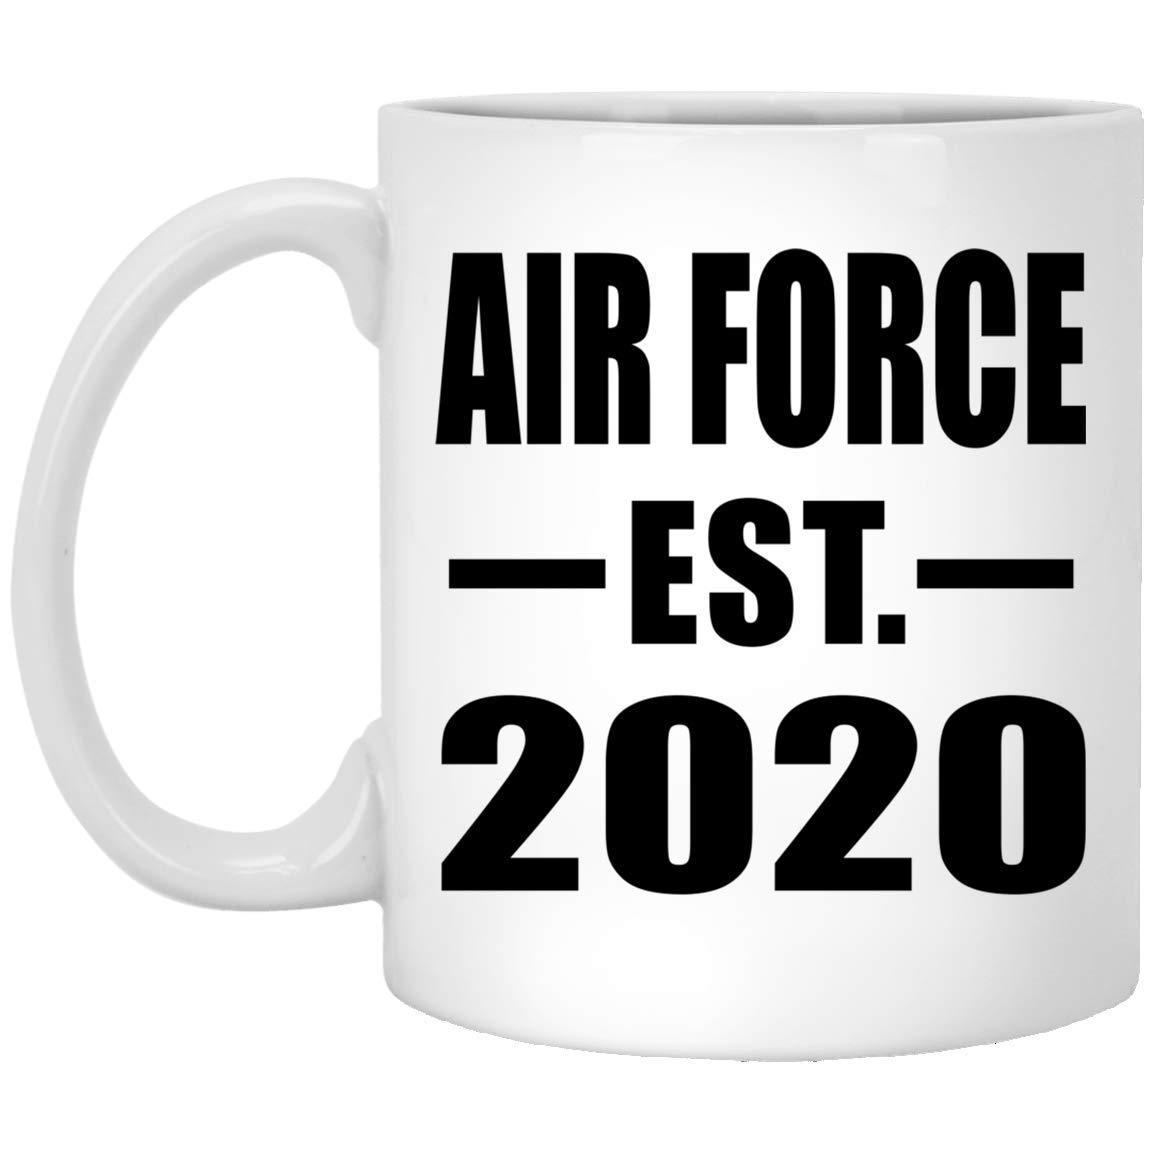 Air Force Graduation 2020.Amazon Com Air Force Established Est 2020 11oz White